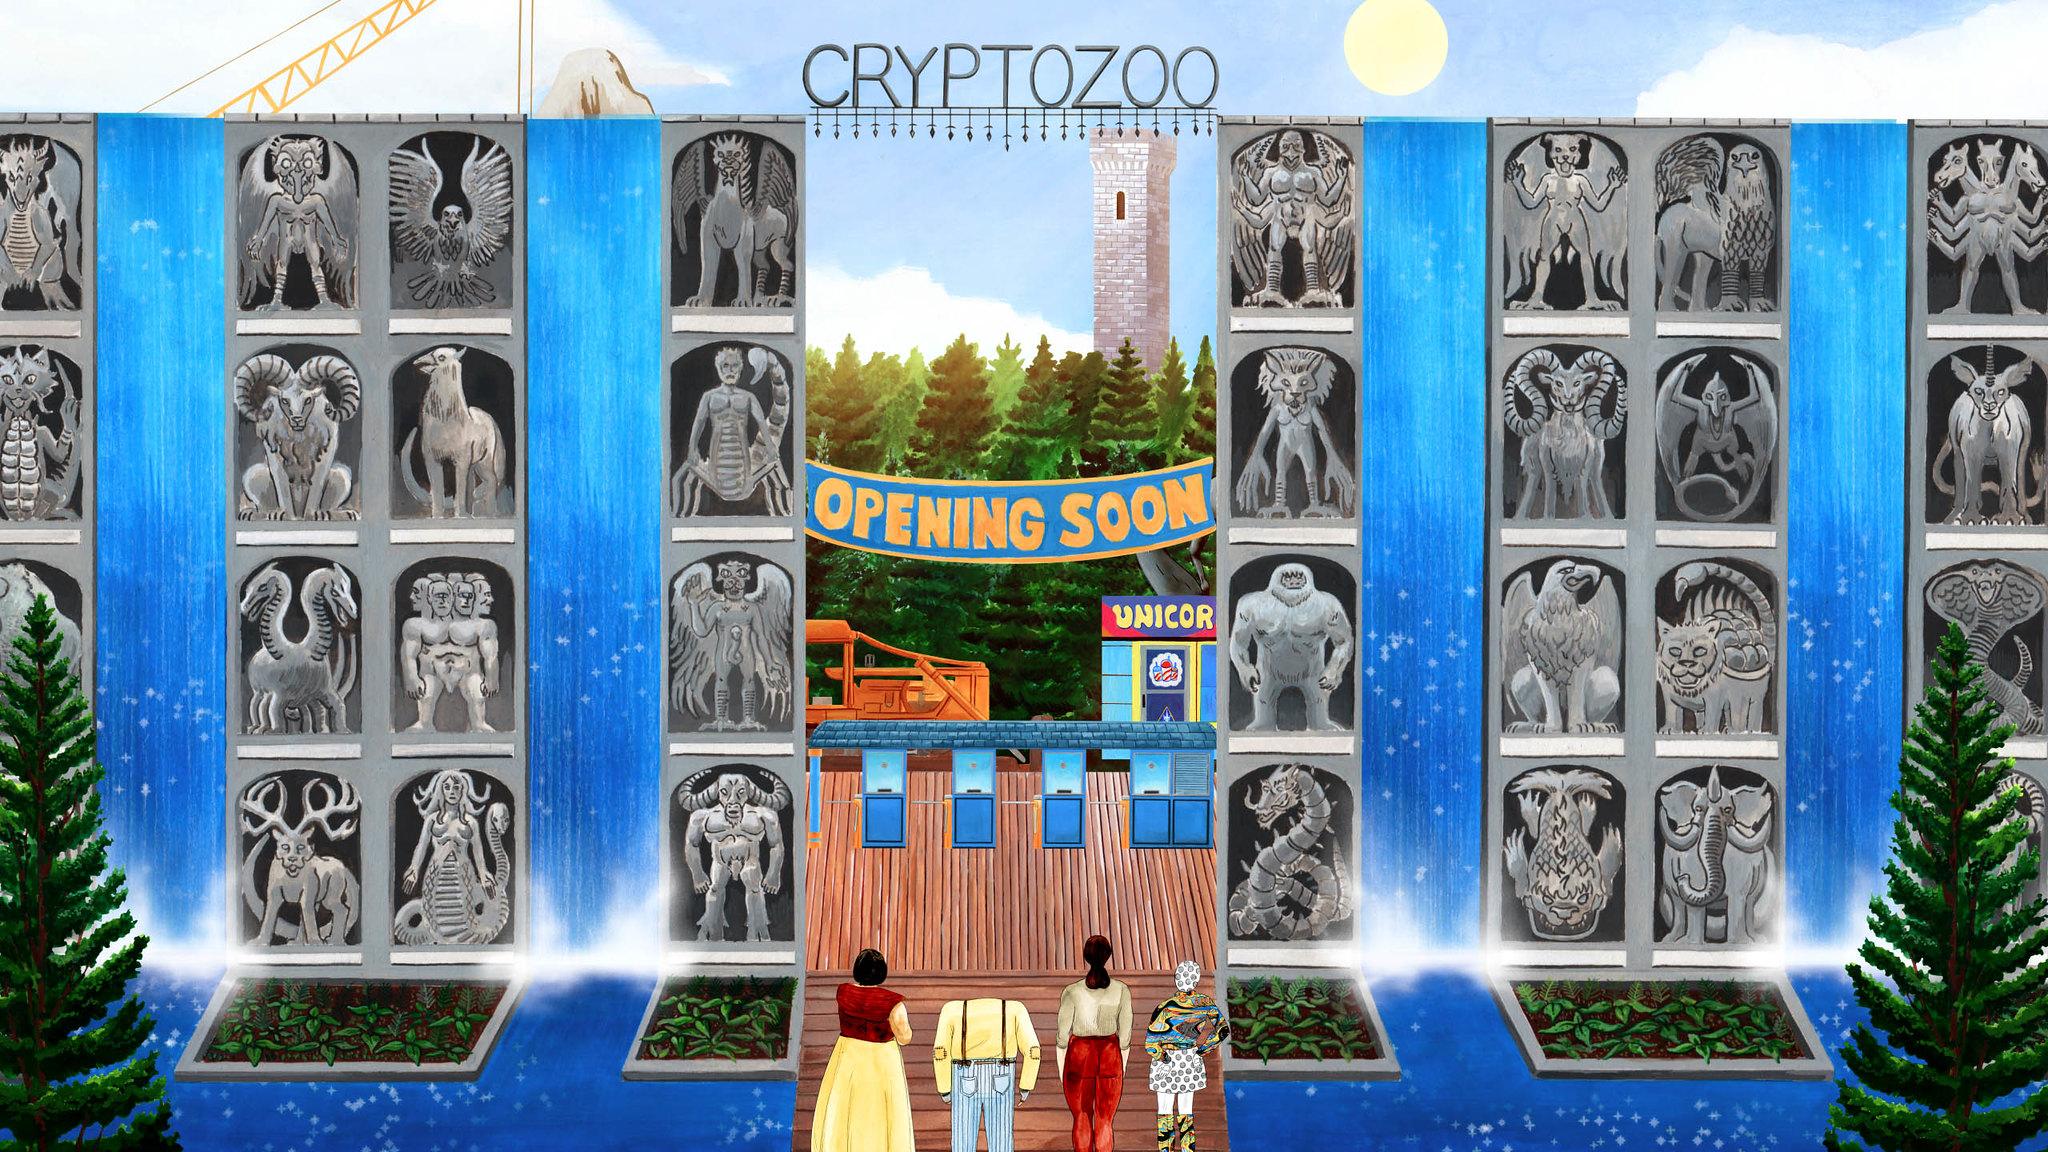 Cryptozoo (image courtesy of the Sundance Institute)